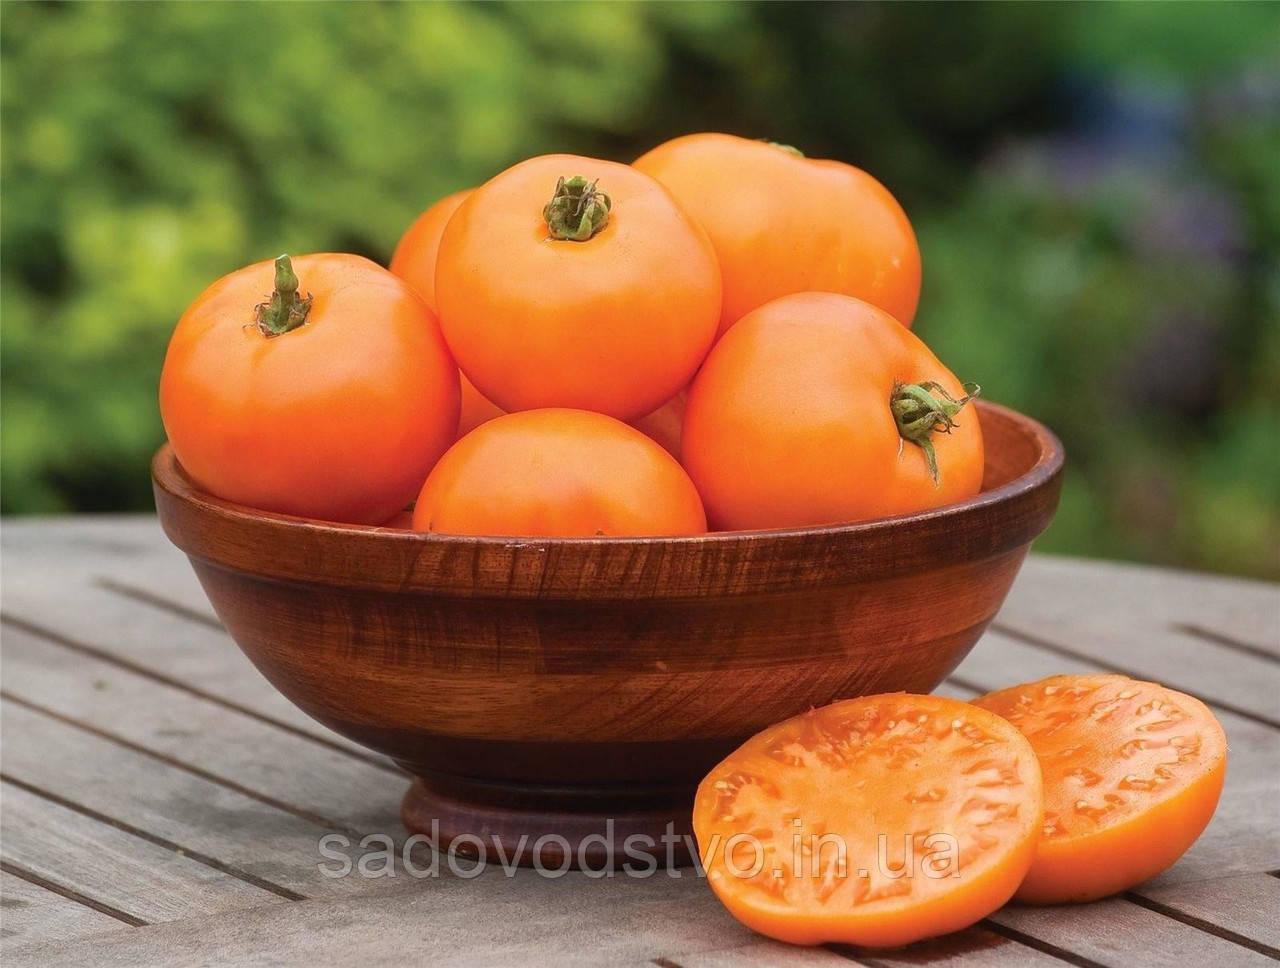 Томат Апельсиновый Веллингтон